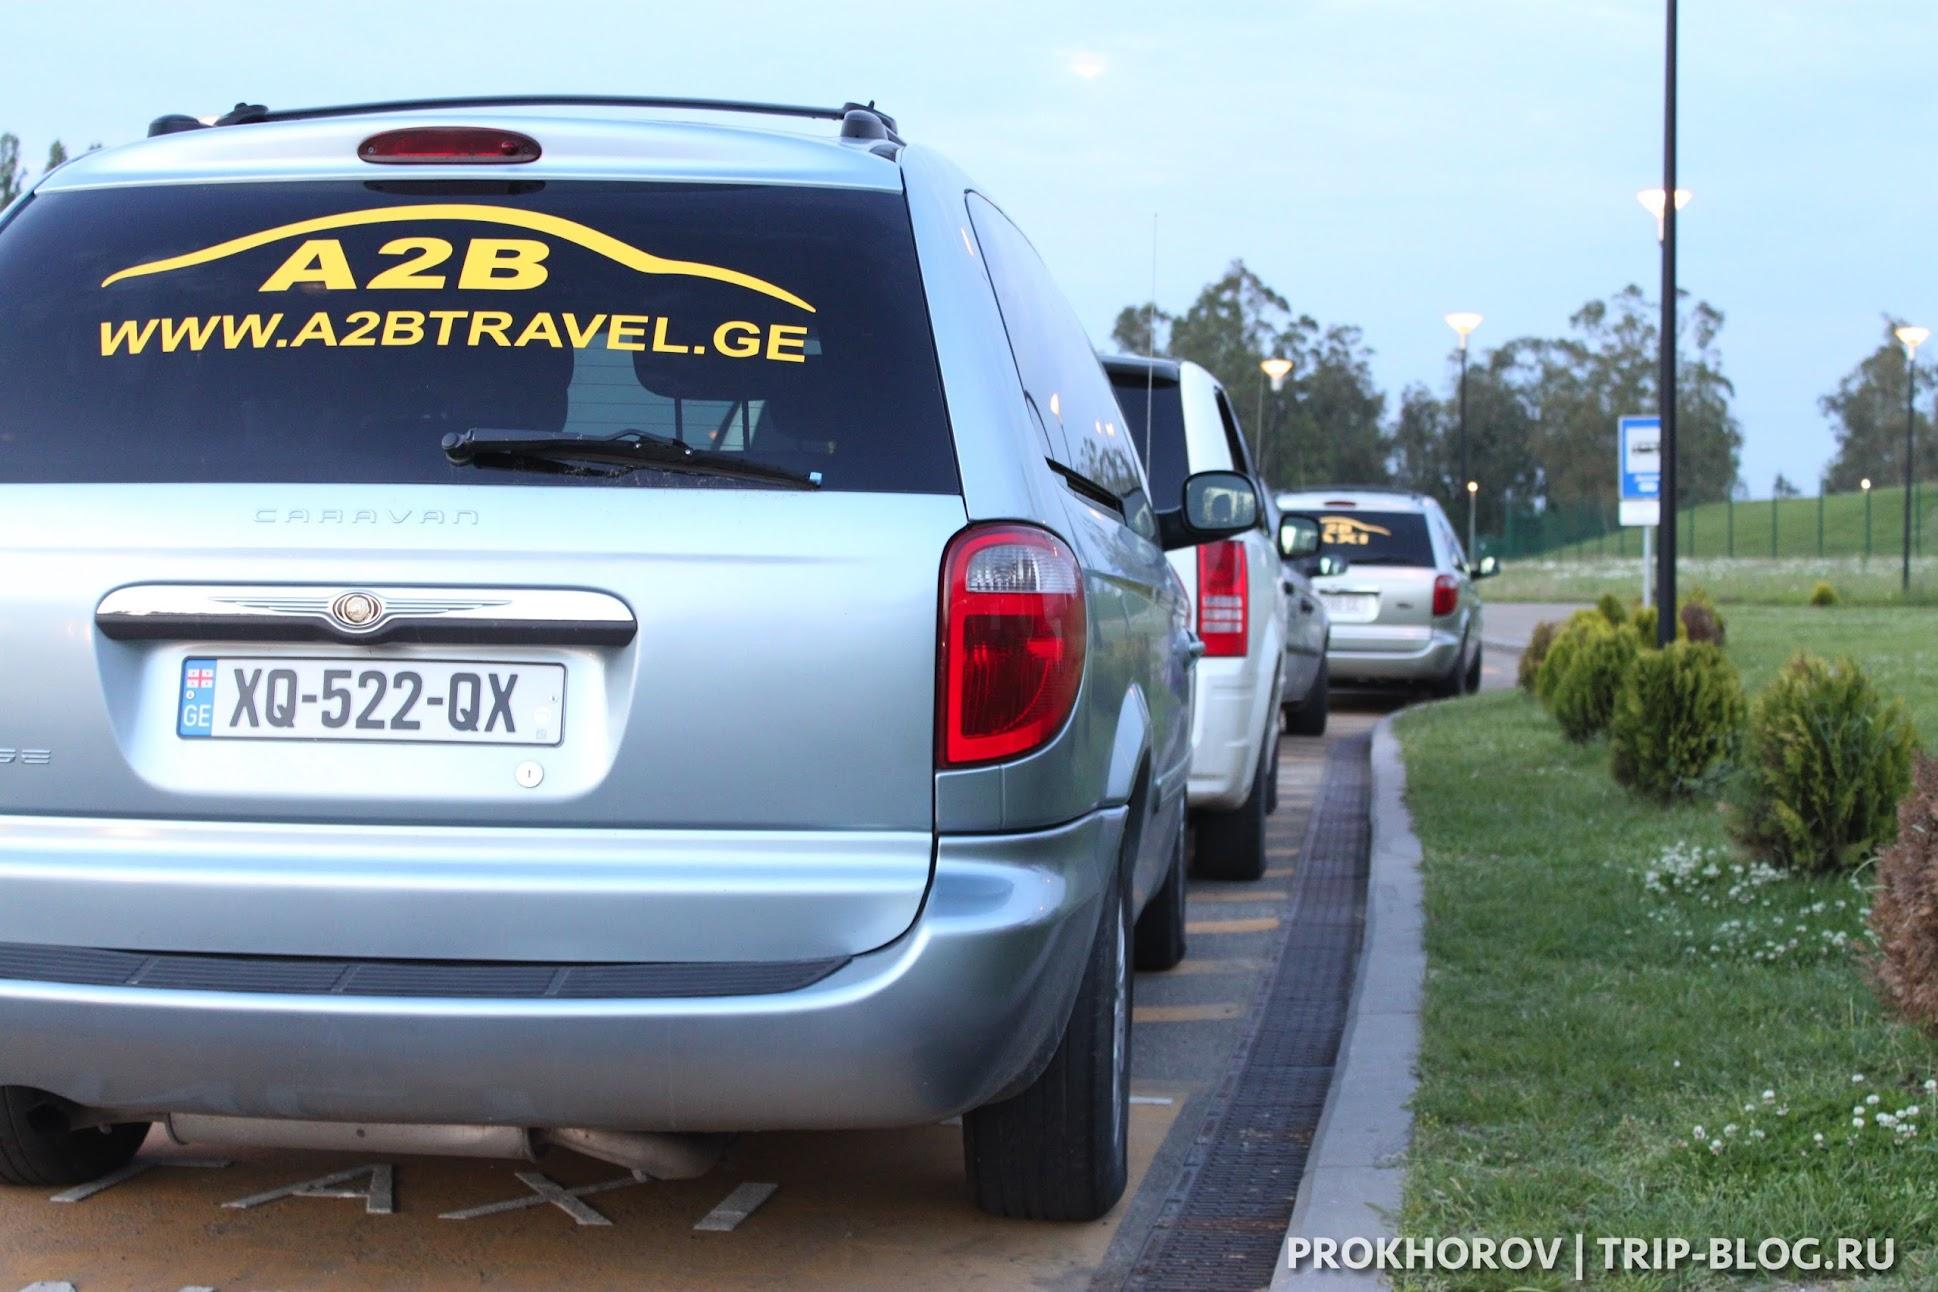 аэропорт кутаиси такси